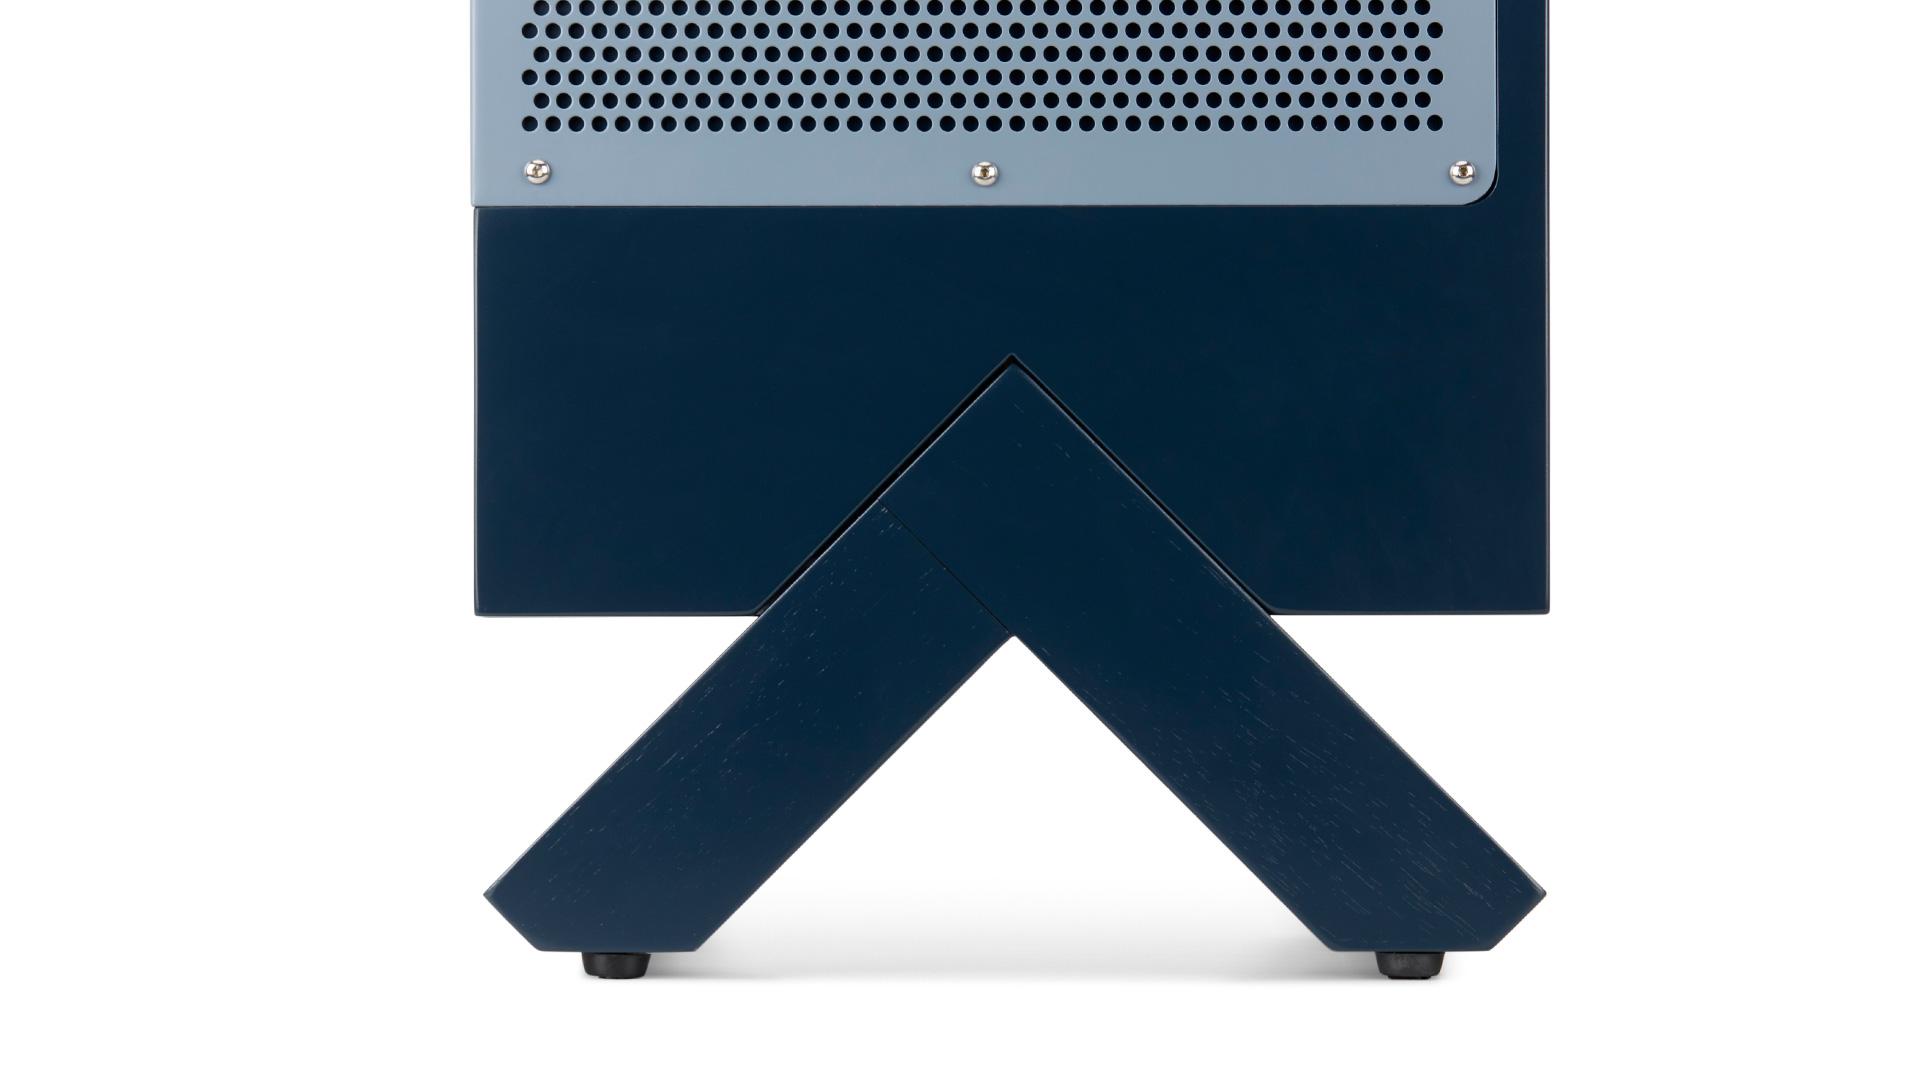 A 级白橡木柜腿,采用最稳固的三角形设计,所有倒角均为对称的45°。经反复测试,既充分考量力学支撑,又兼顾优美线条,哑光半开放漆面呈现出细腻的木质纹理,释放个性的同时亦可稳固承托。